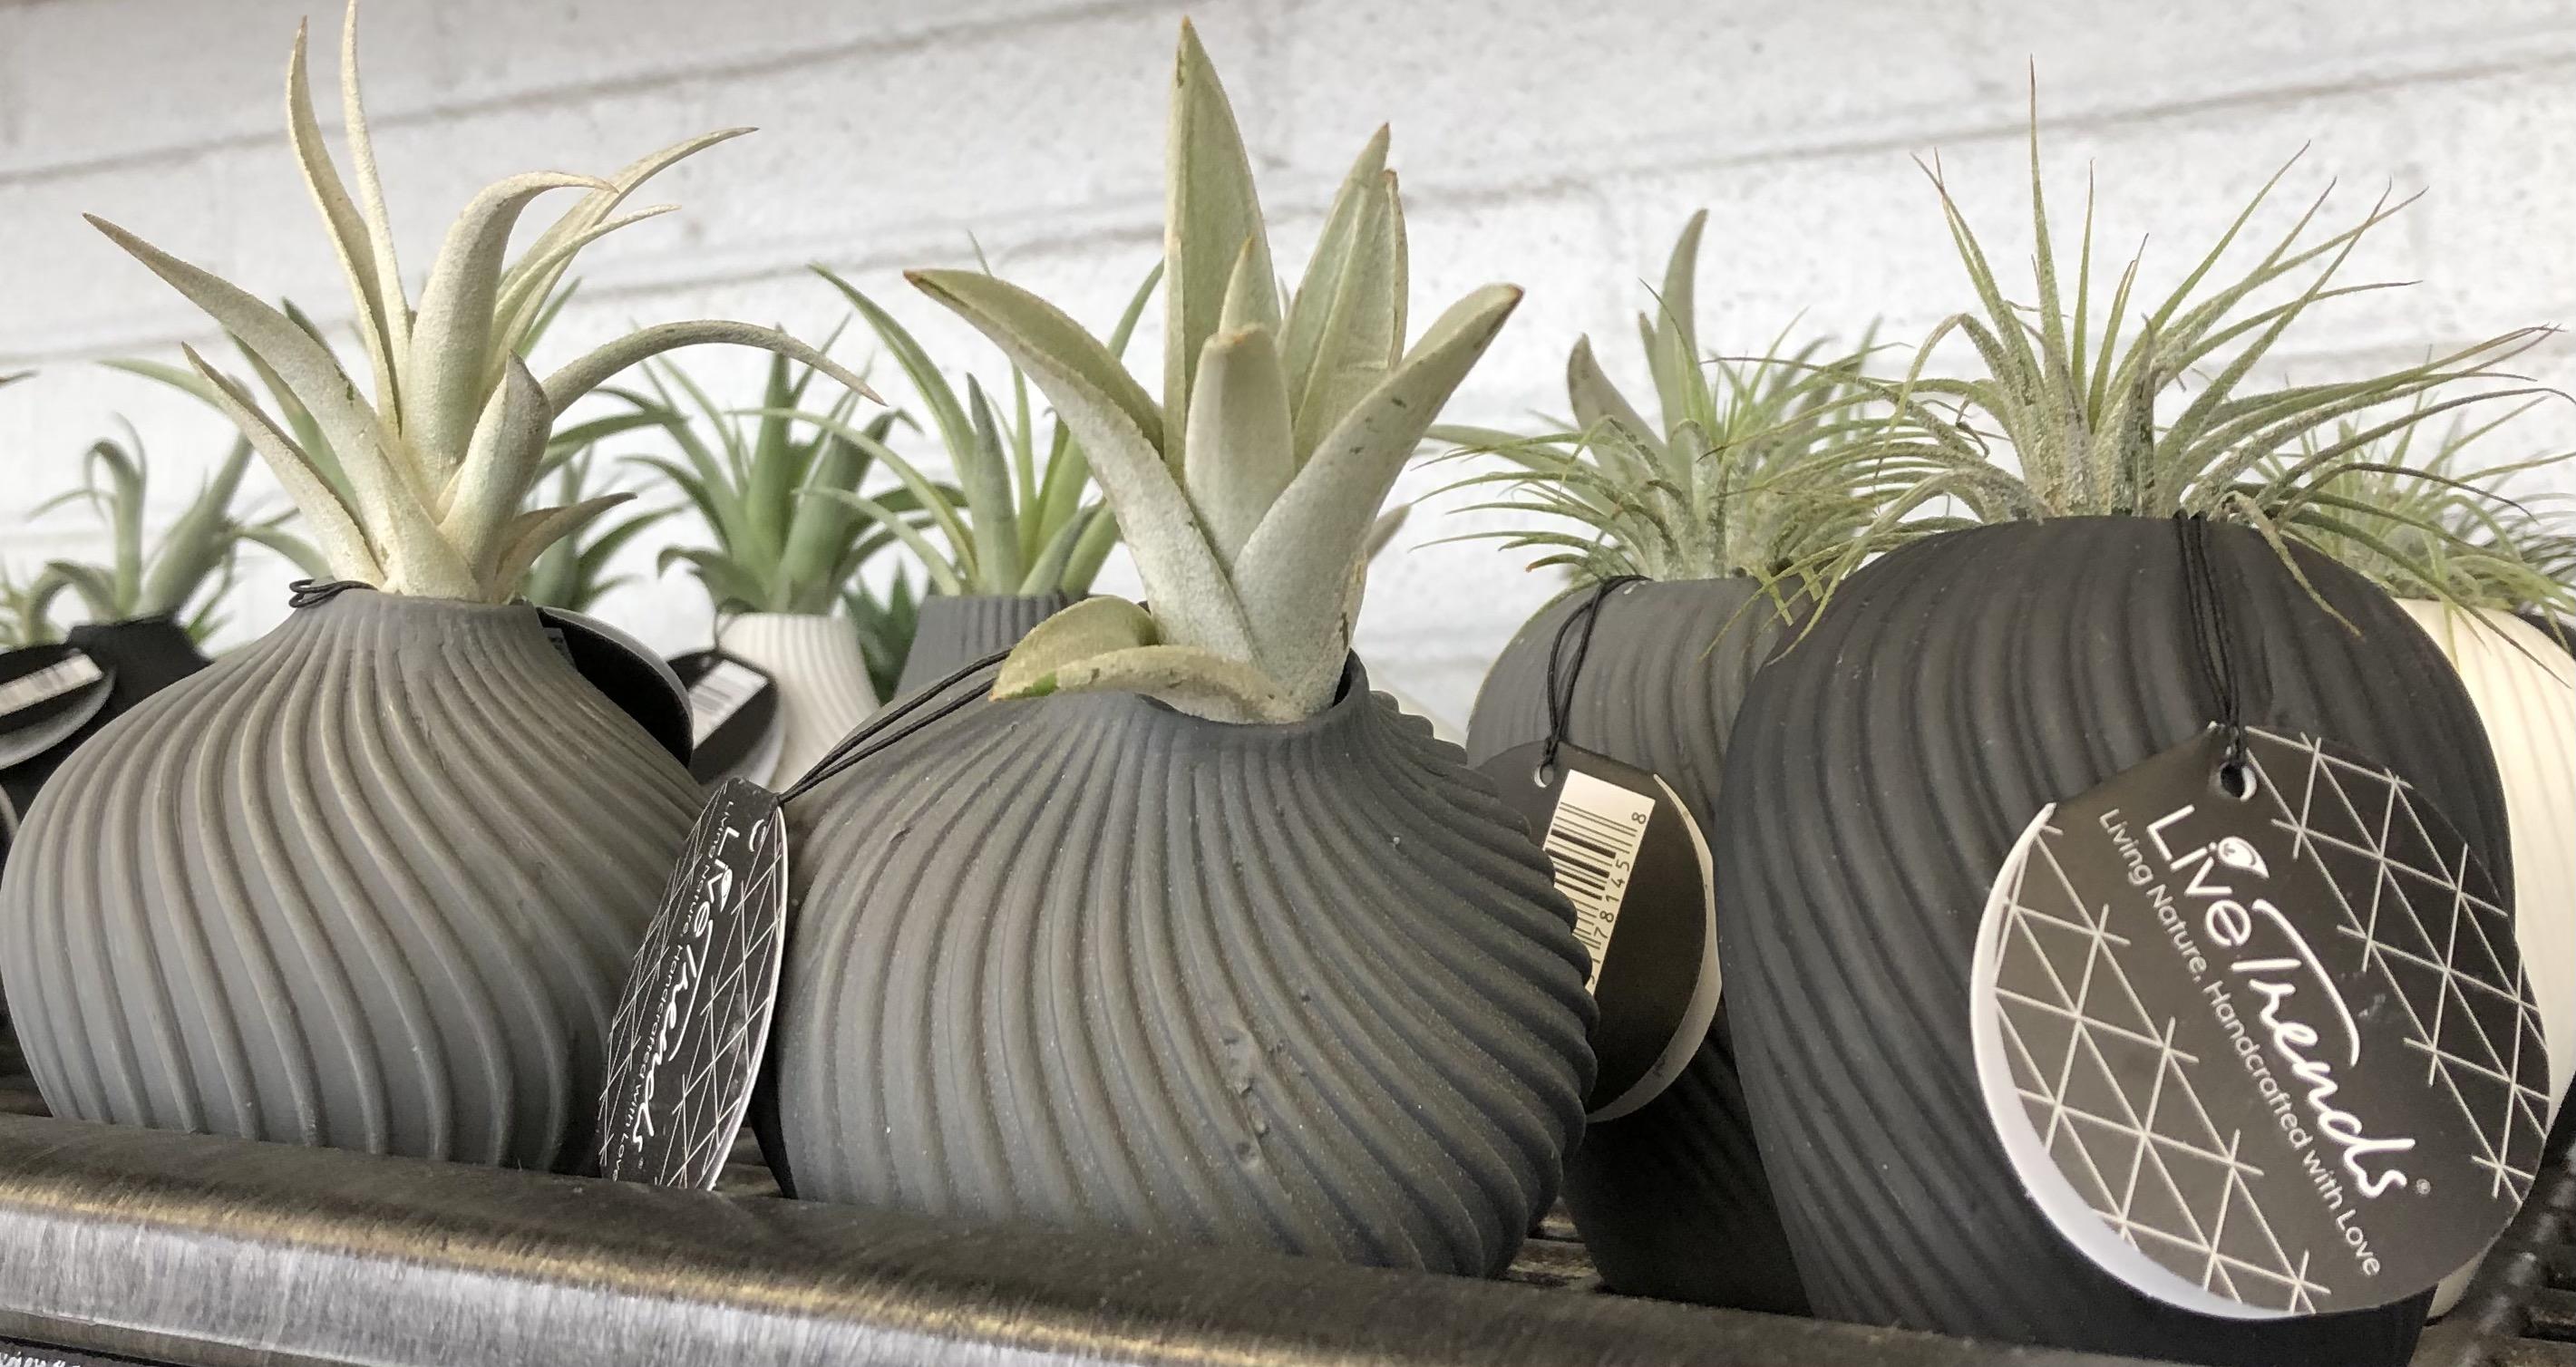 Photo: Mini Garden Center selection.